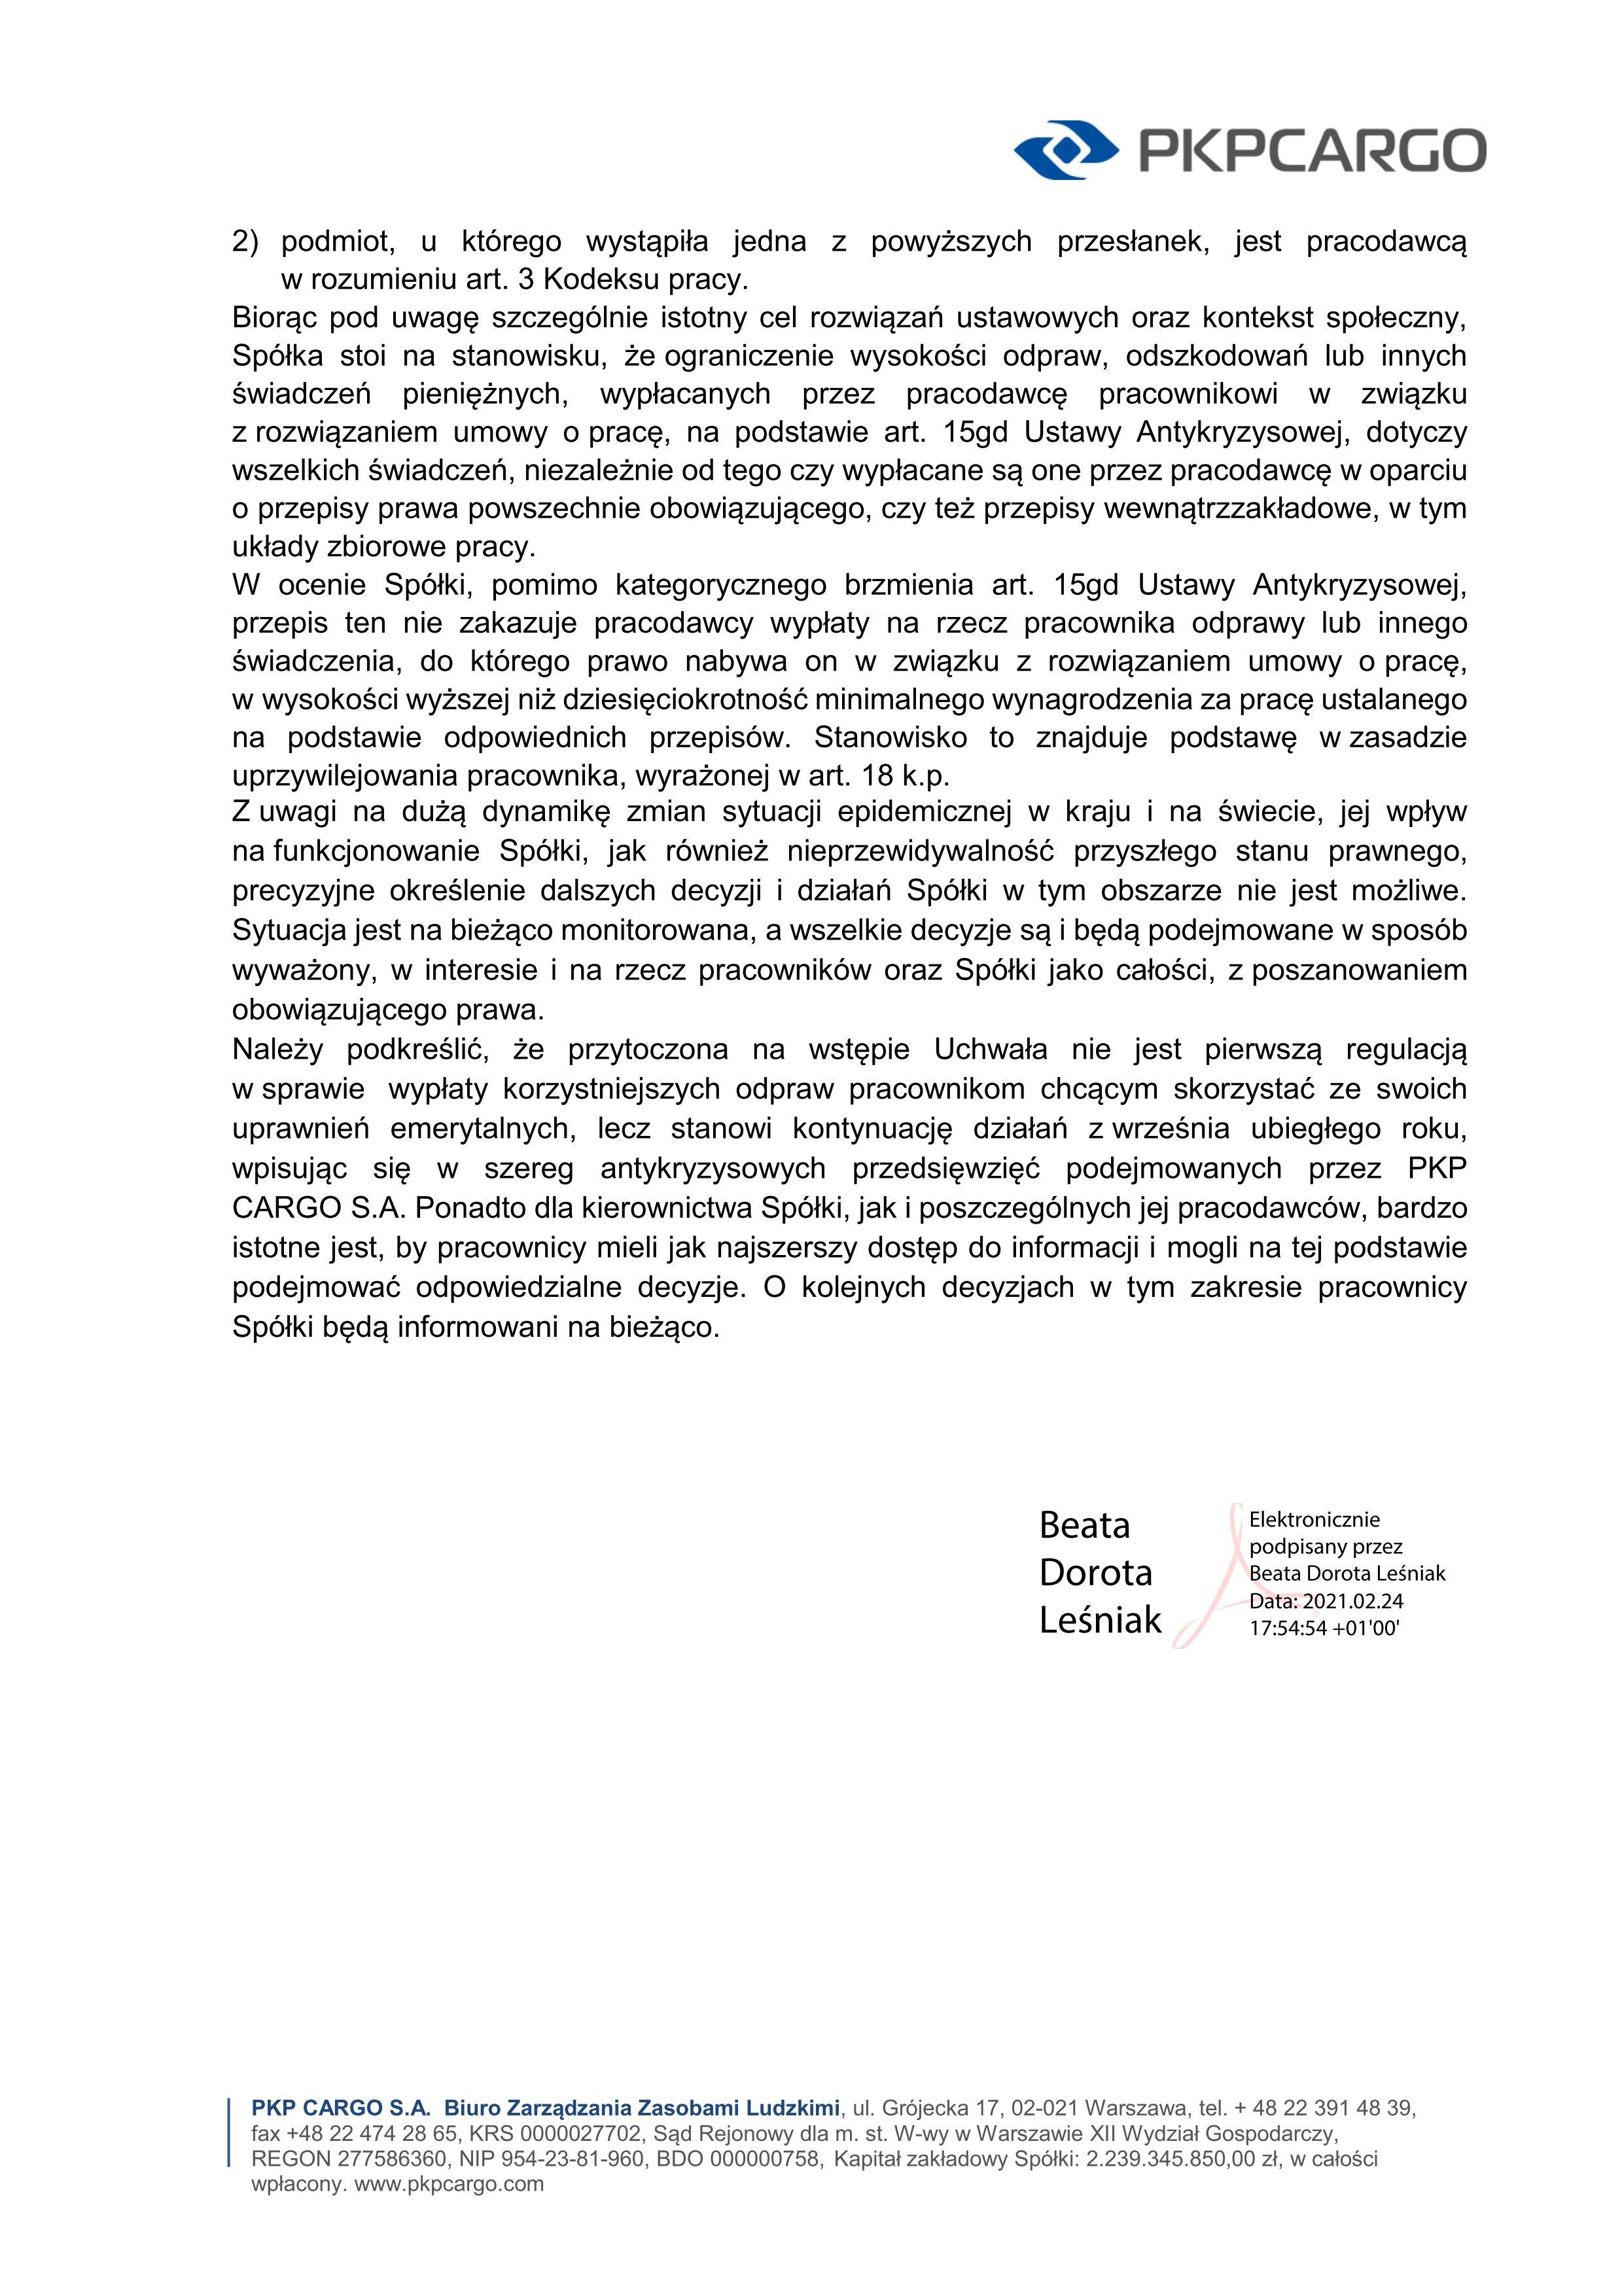 CARGO odprawy odpowied leniak 2021_02jpg